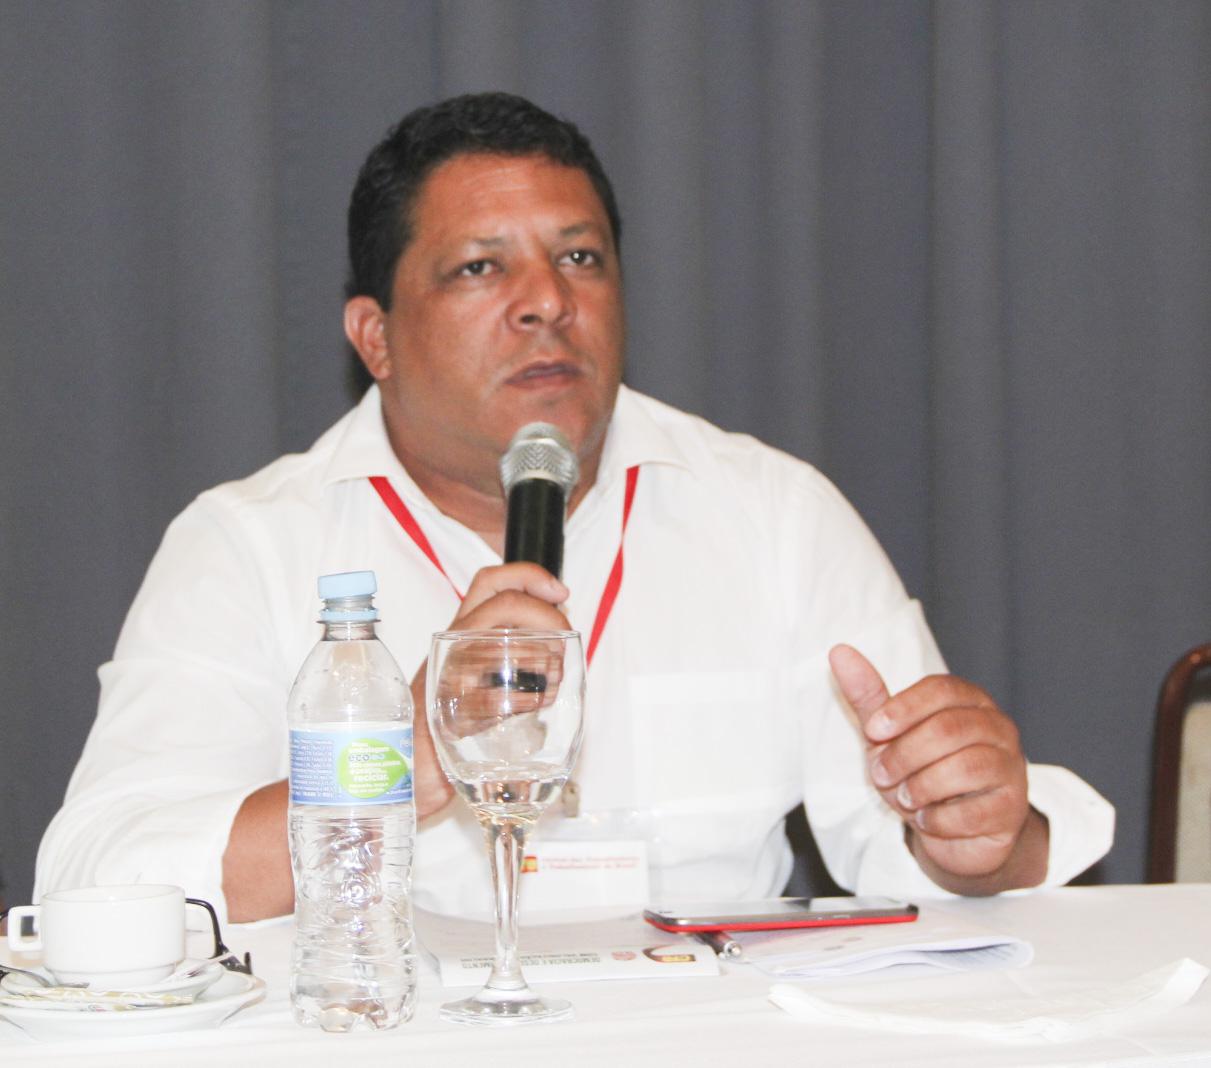 A reforma decreta o fim da CLT e a volta do trabalho semiescravo, num retrocesso de 300 anos, alerta Araújo, da CTB